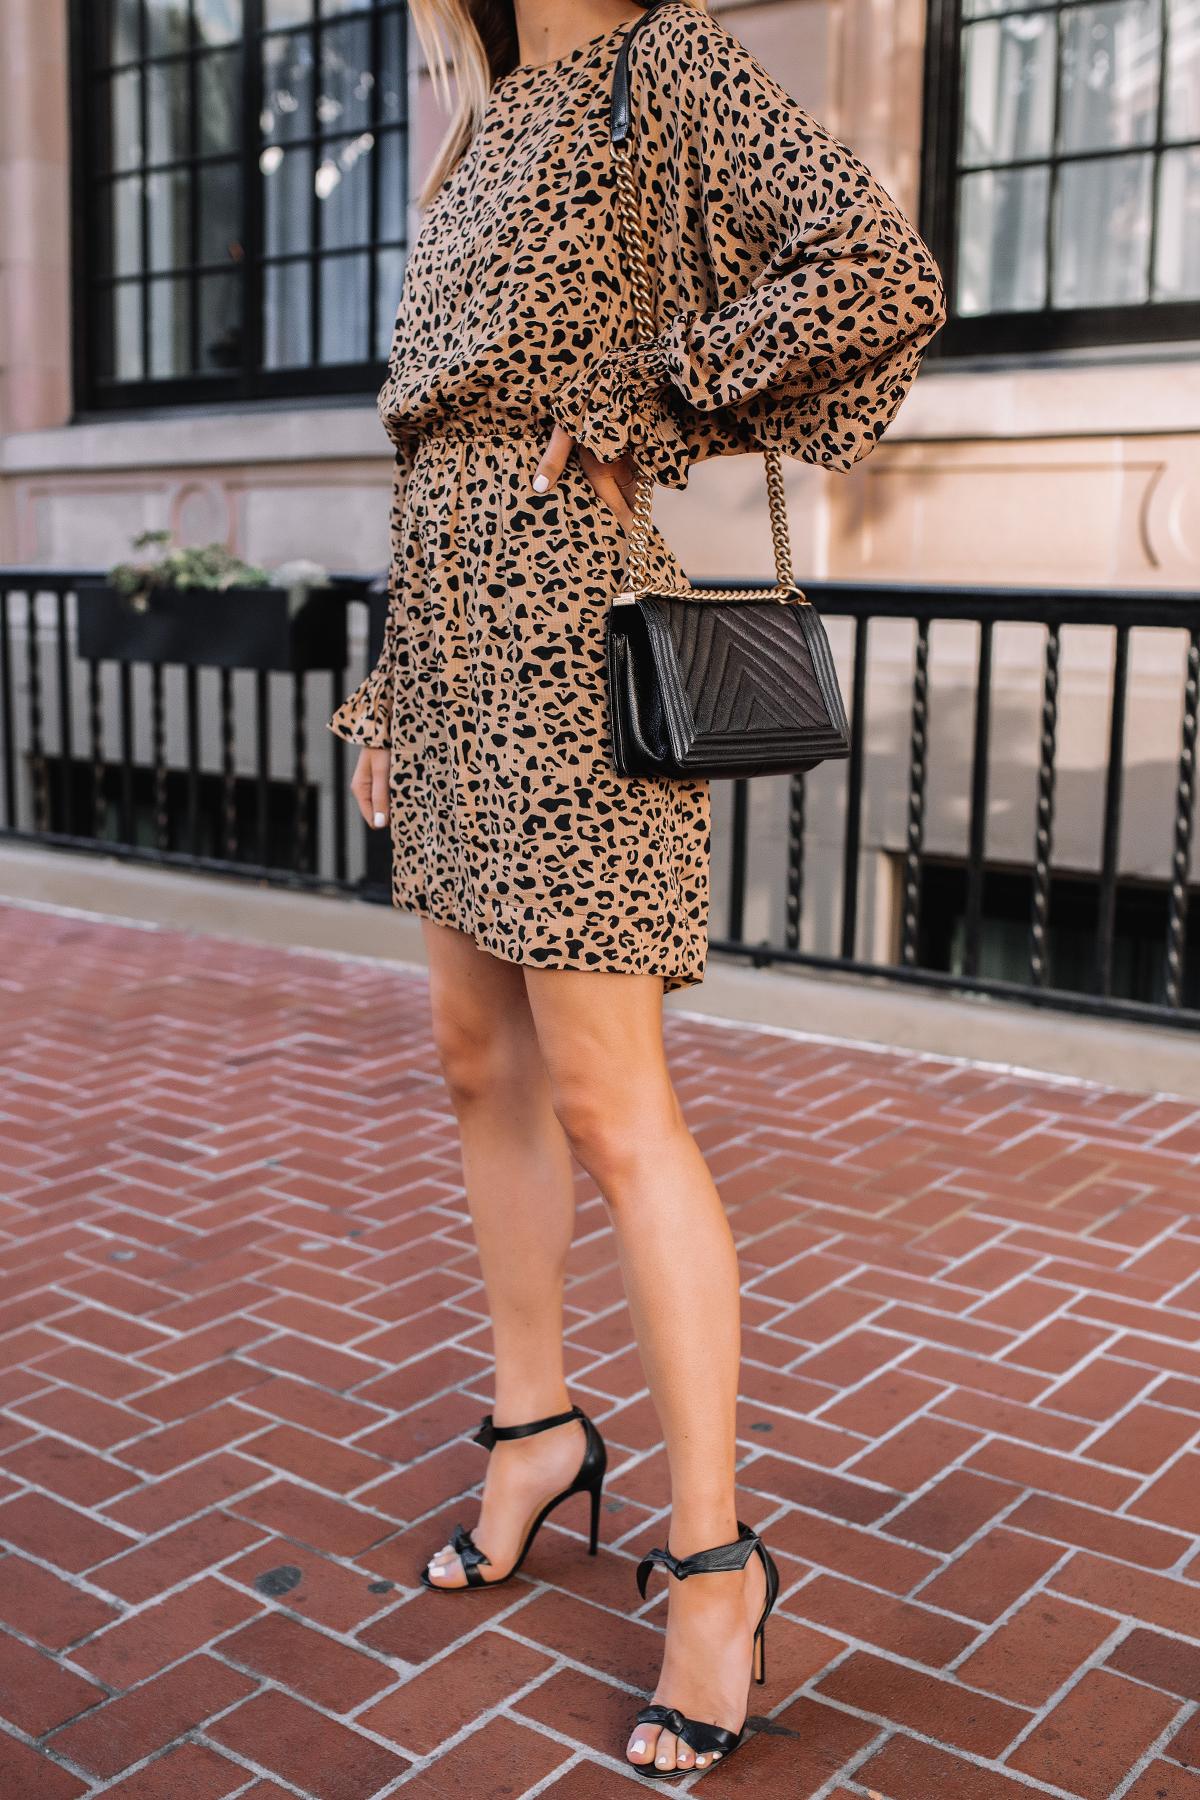 Fashion Jackson Wearing Baum und Pferdgarten Aemiley Drape Leopard Mini Dress Black Heeled Sandals